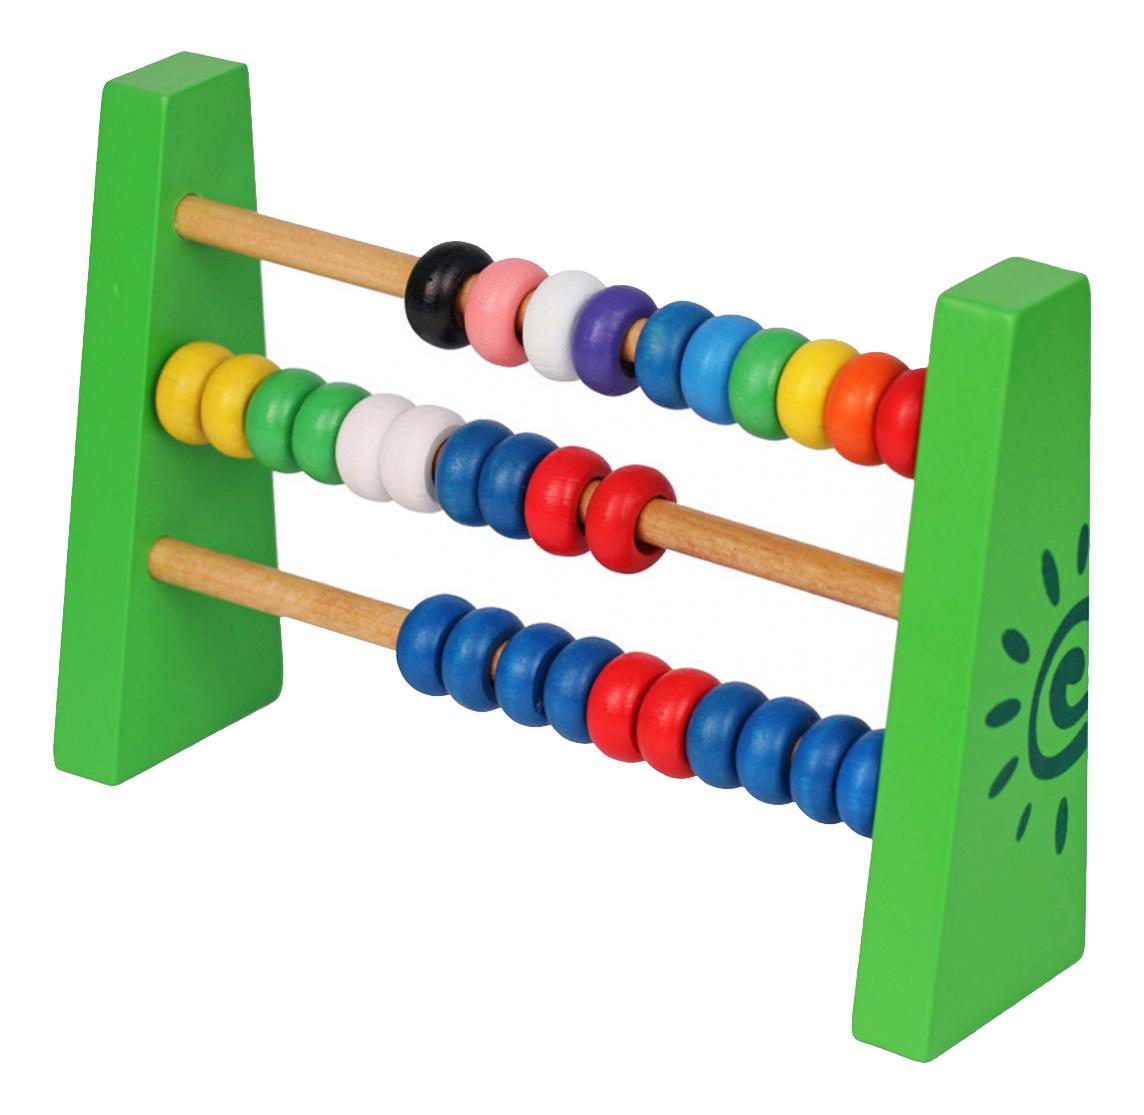 Развивающая игрушка КРАСНОКАМСКАЯ ИГРУШКА Счетики-радуга фото